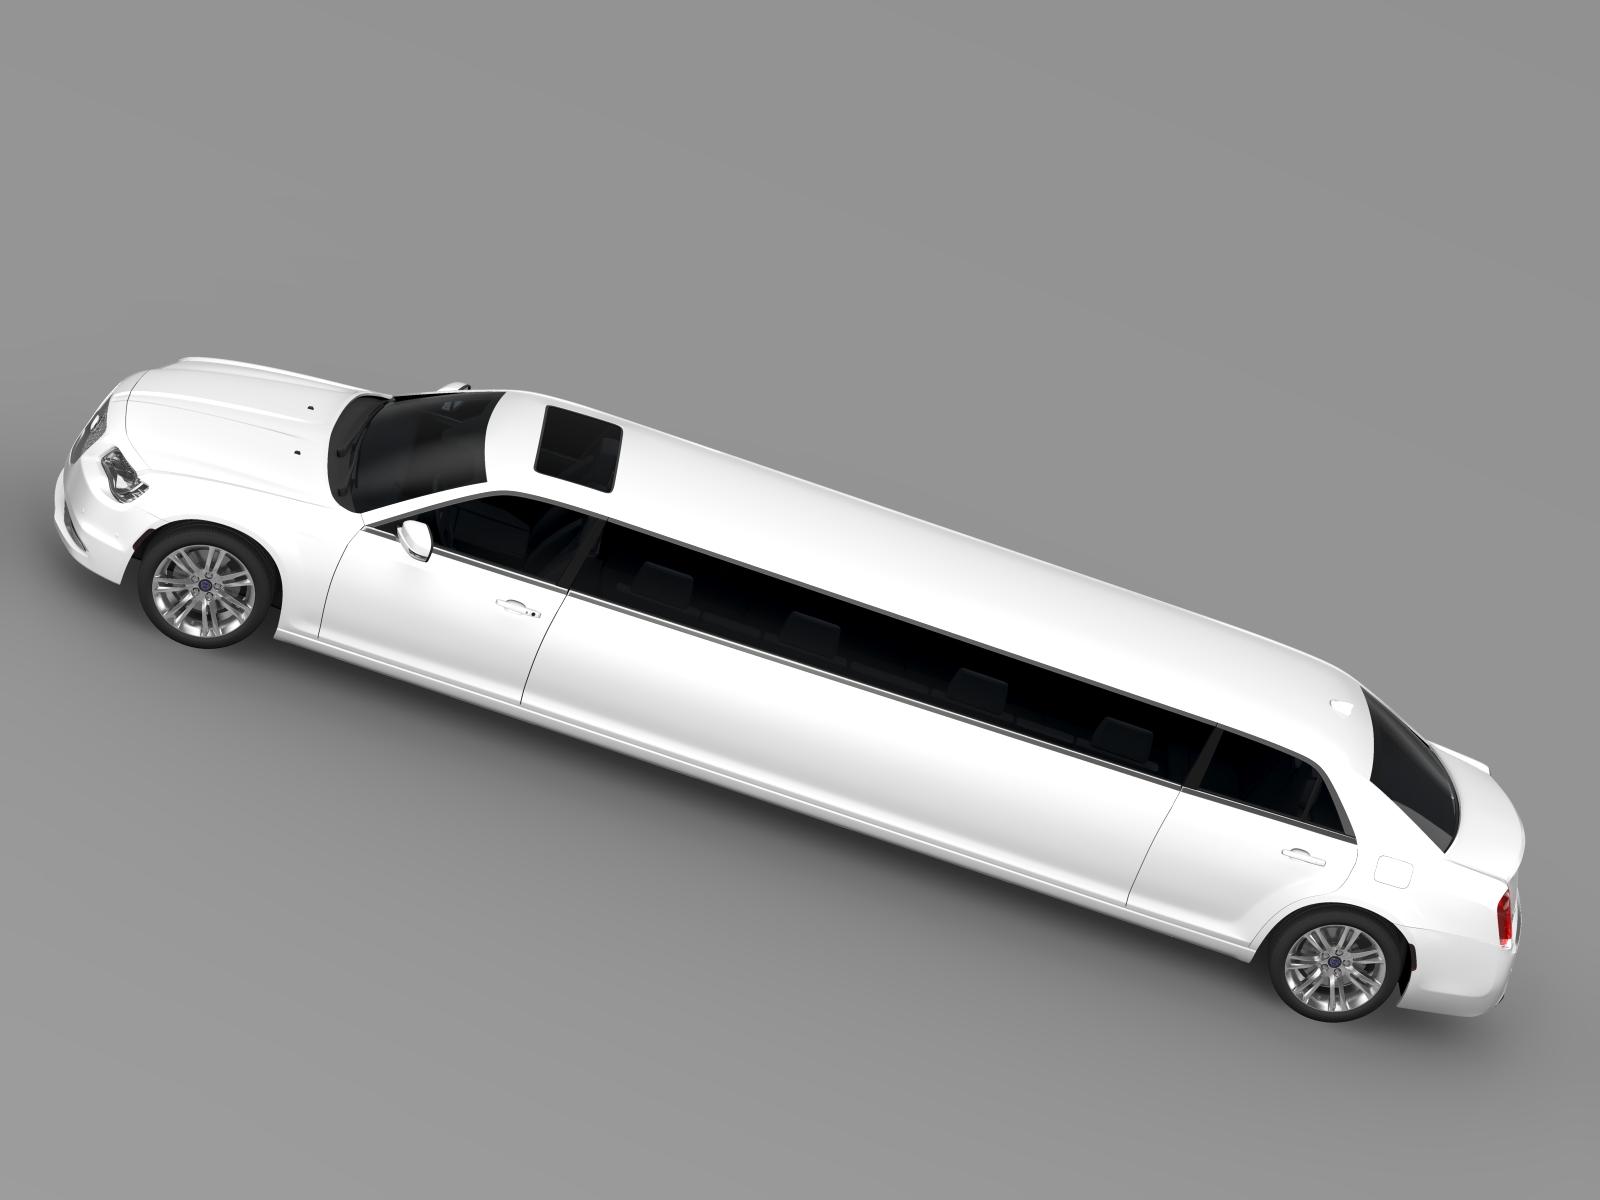 Lancia Thema Limousine 2016